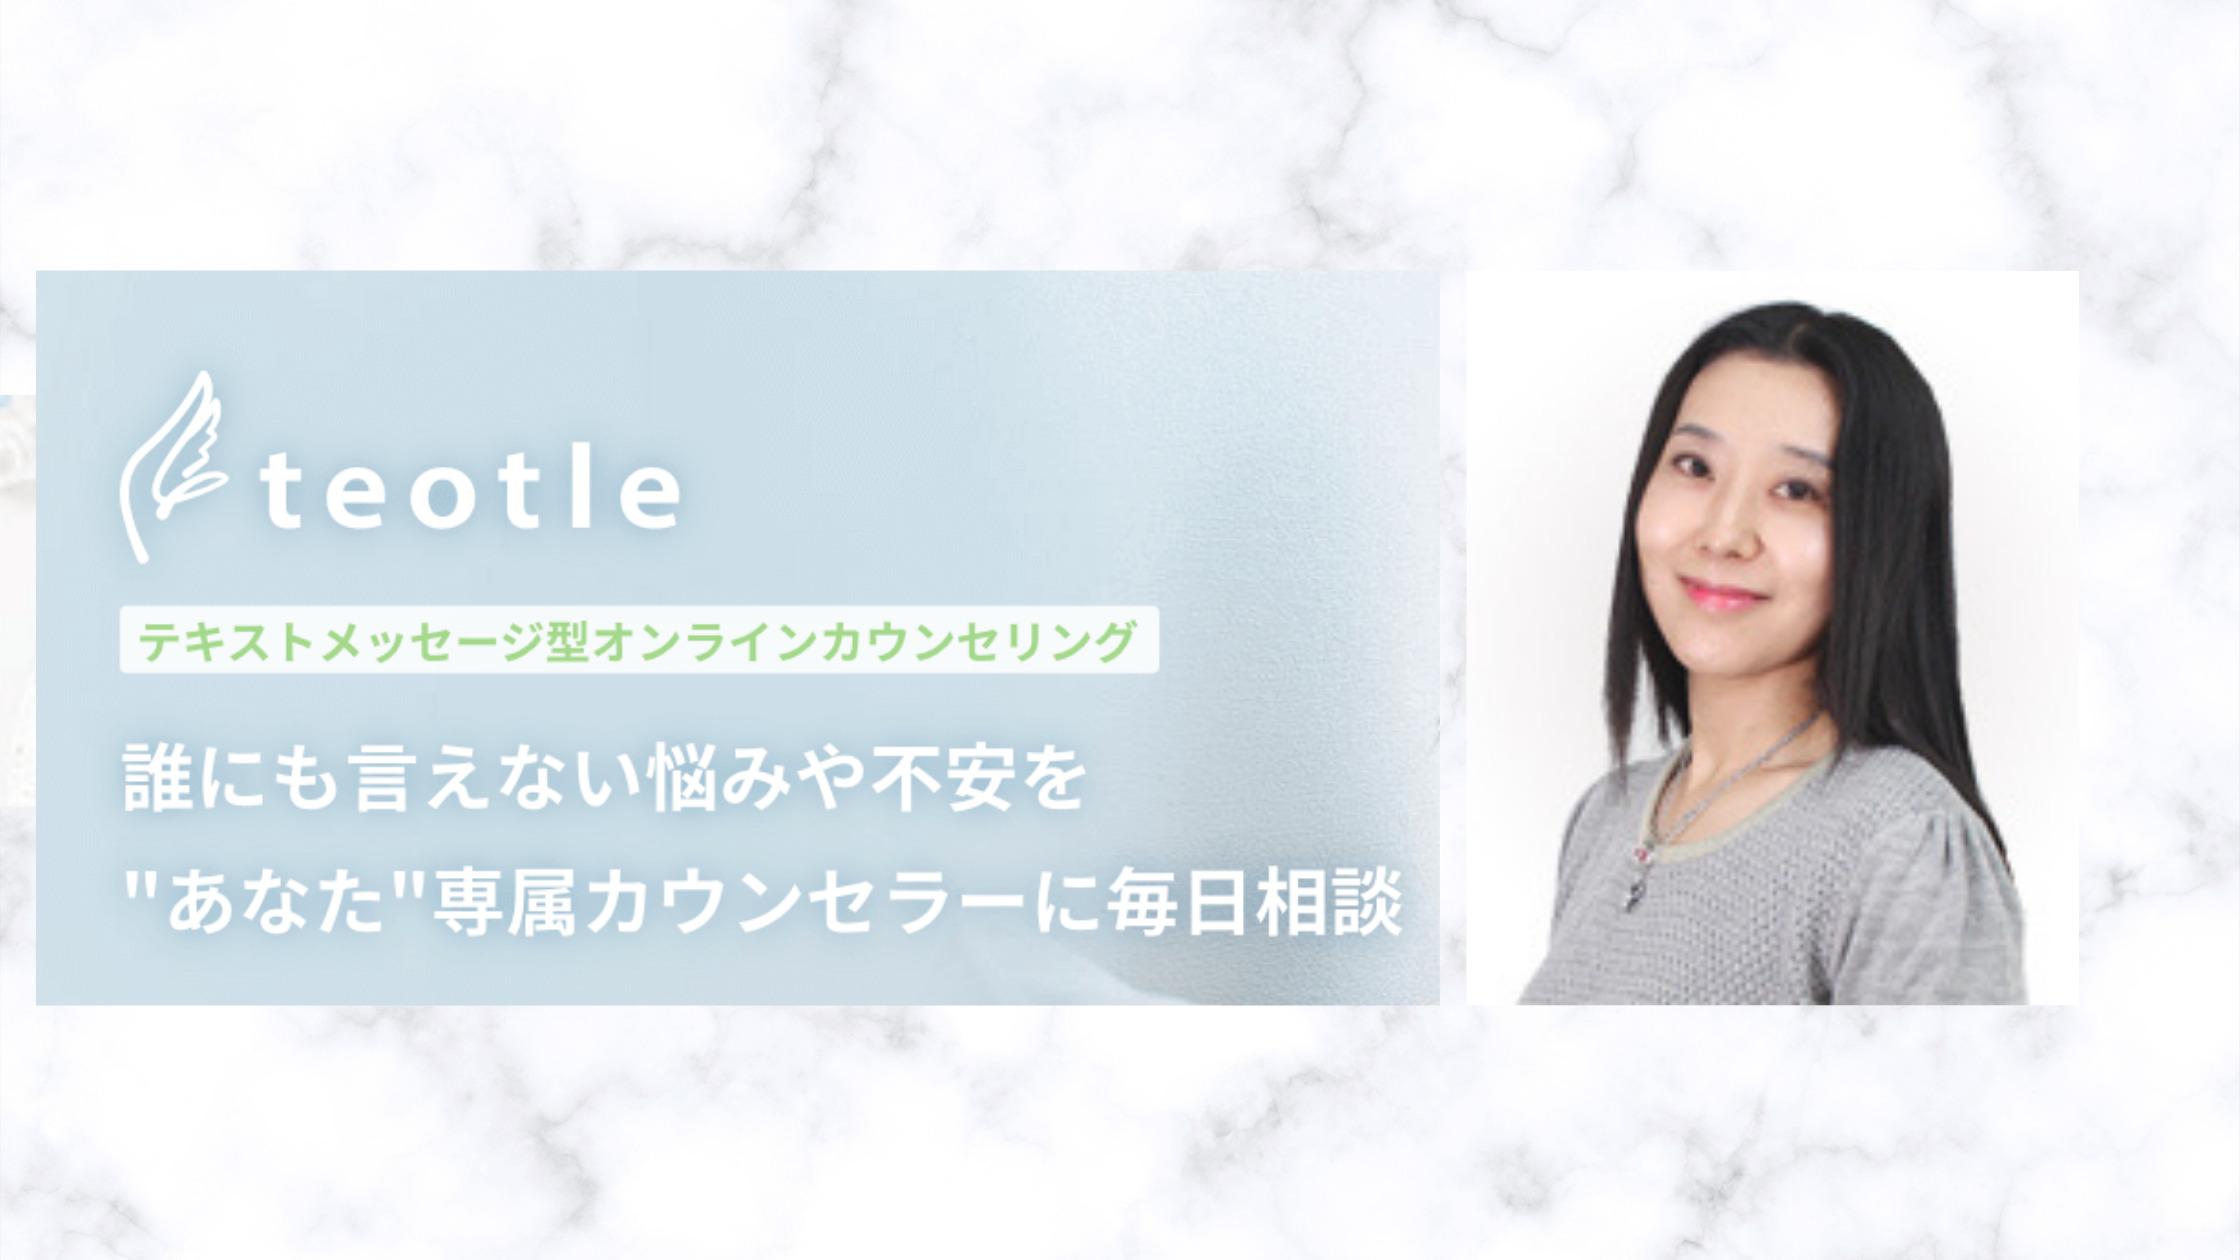 【teotle】かとうあみ先生のカウンセリングの口コミは?対人関係の悩みにおすすめ